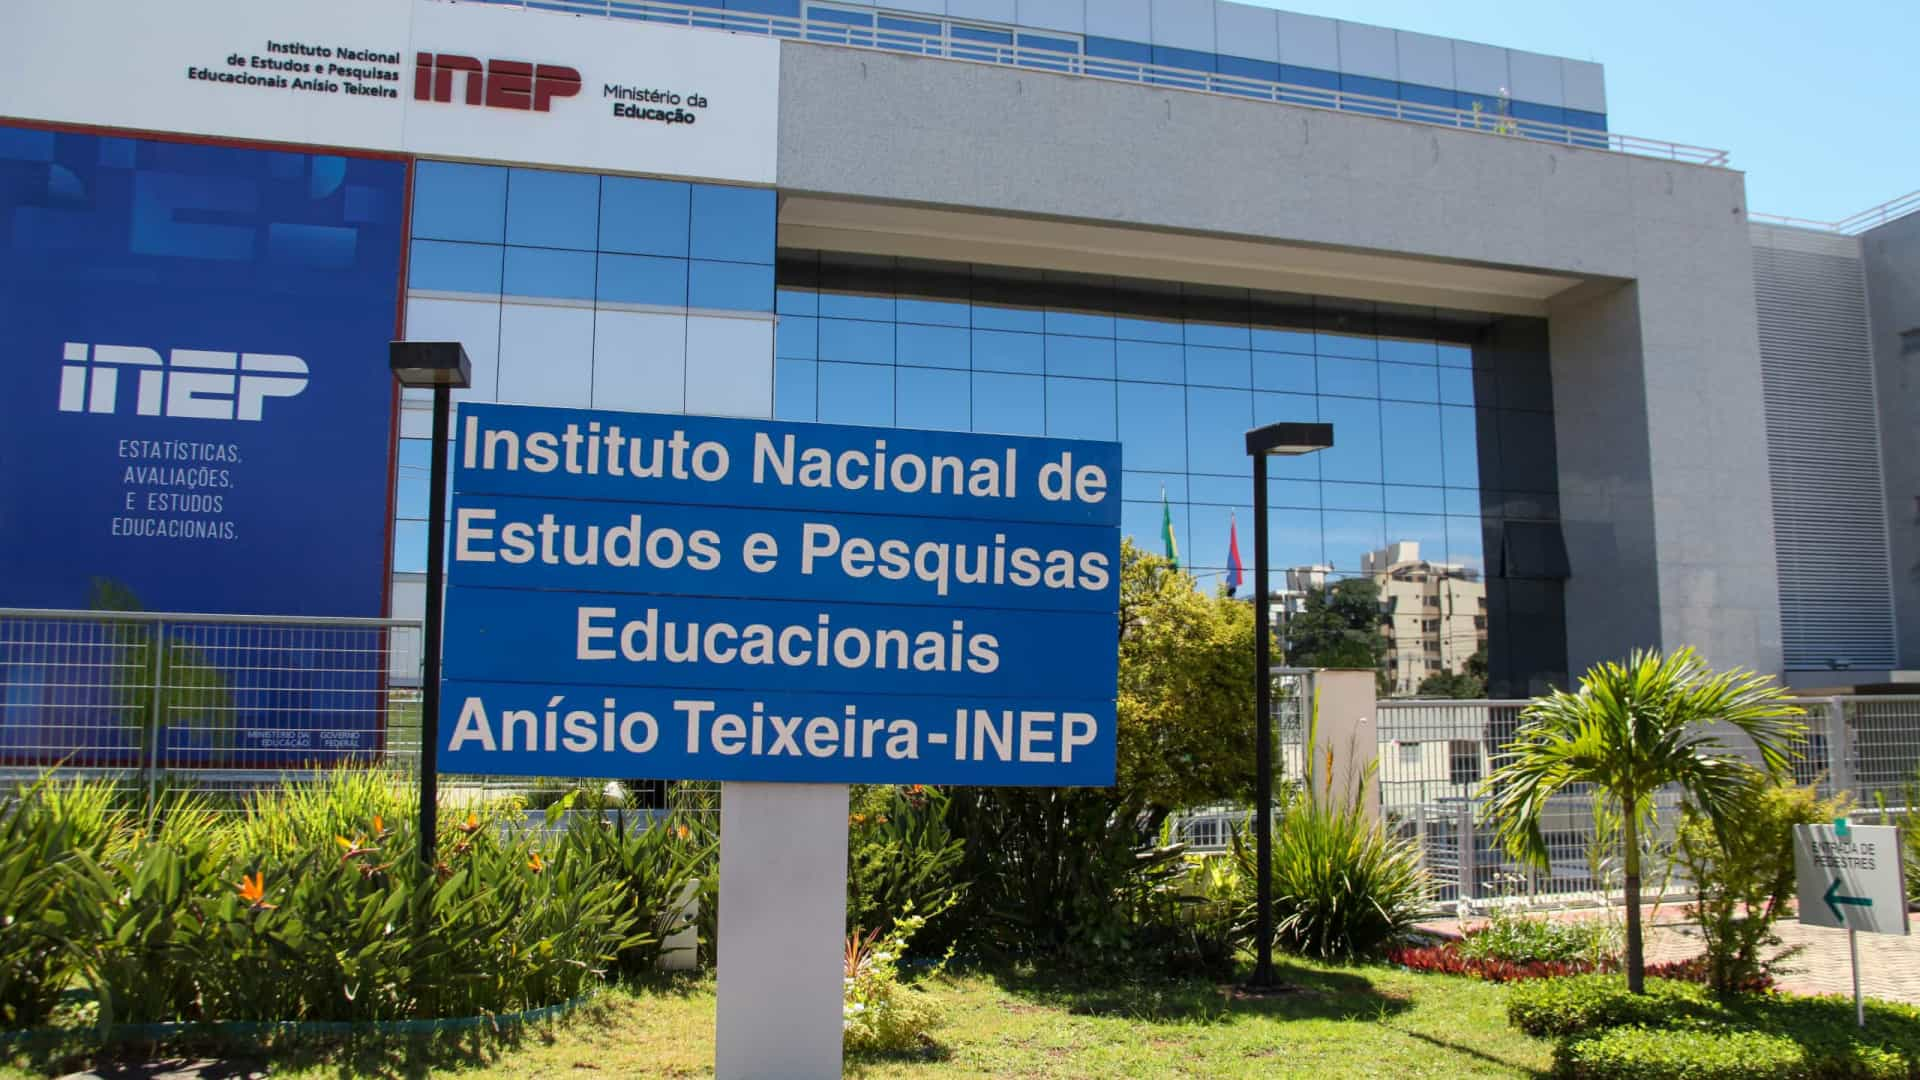 Falha em sistemas do inep expôs dados de 5 milhões de estudantes brasileiros e estrangeiros